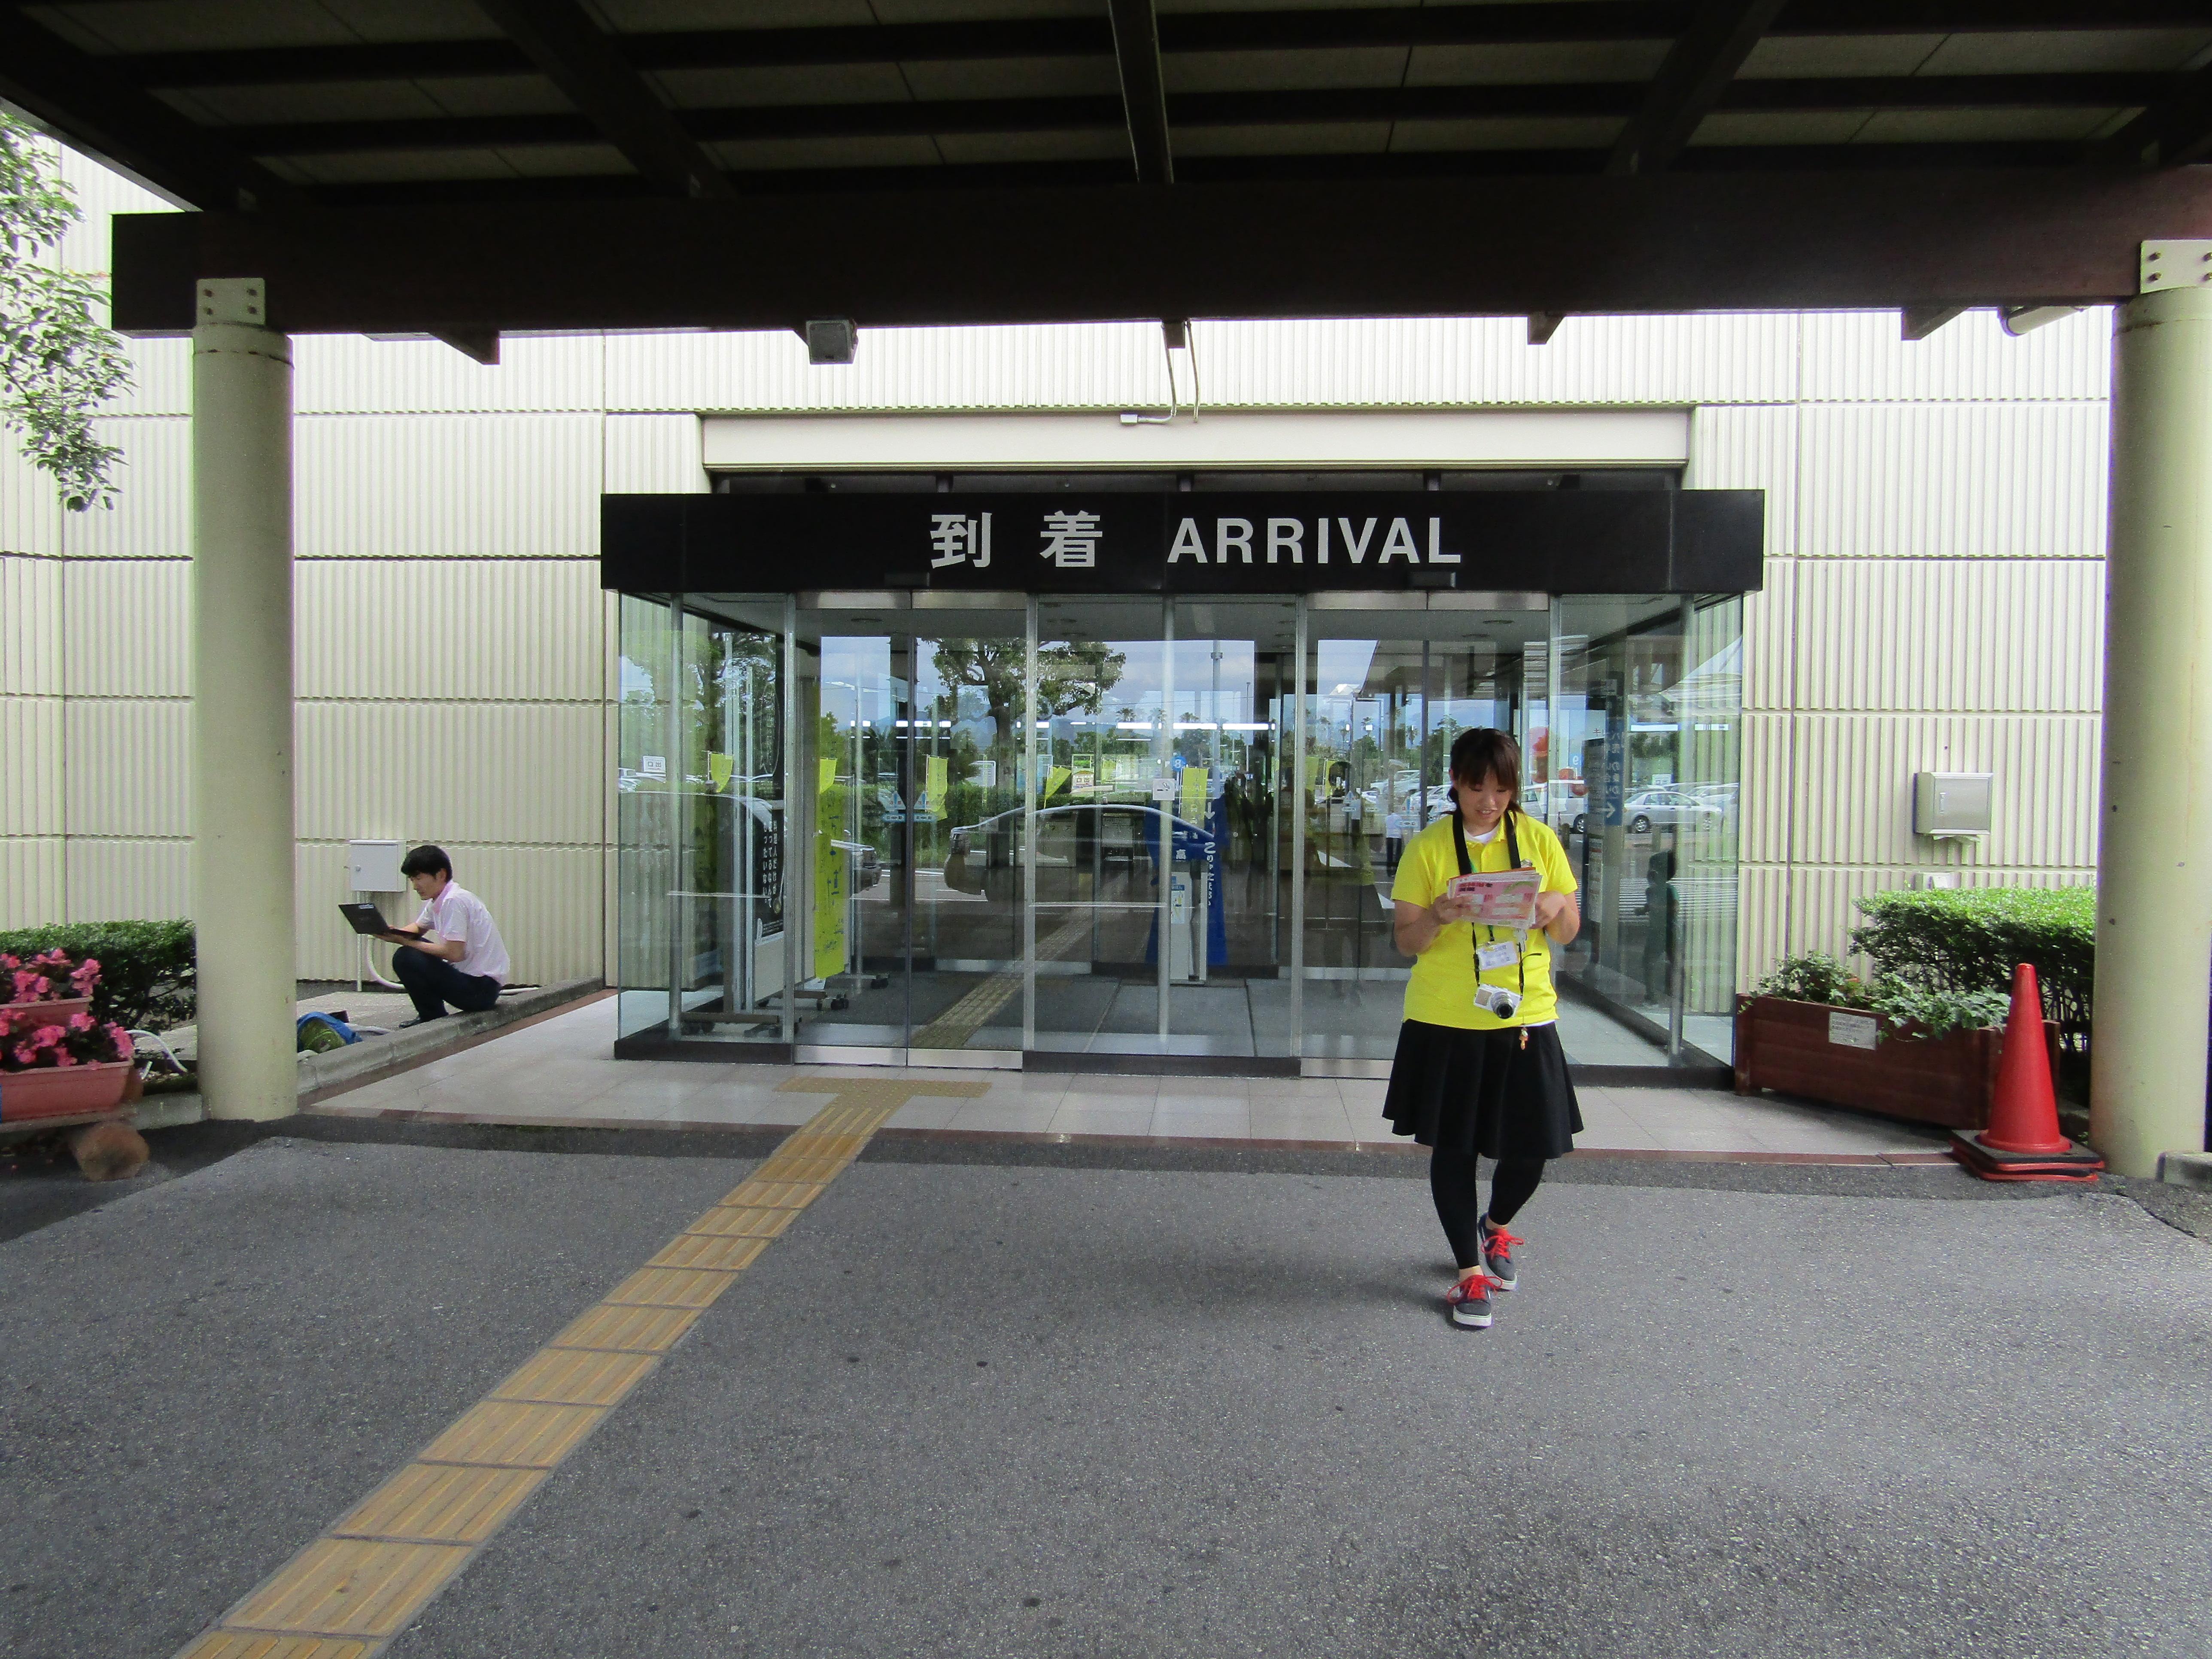 高知空港 奥四万十博 中土佐町 モデルコース